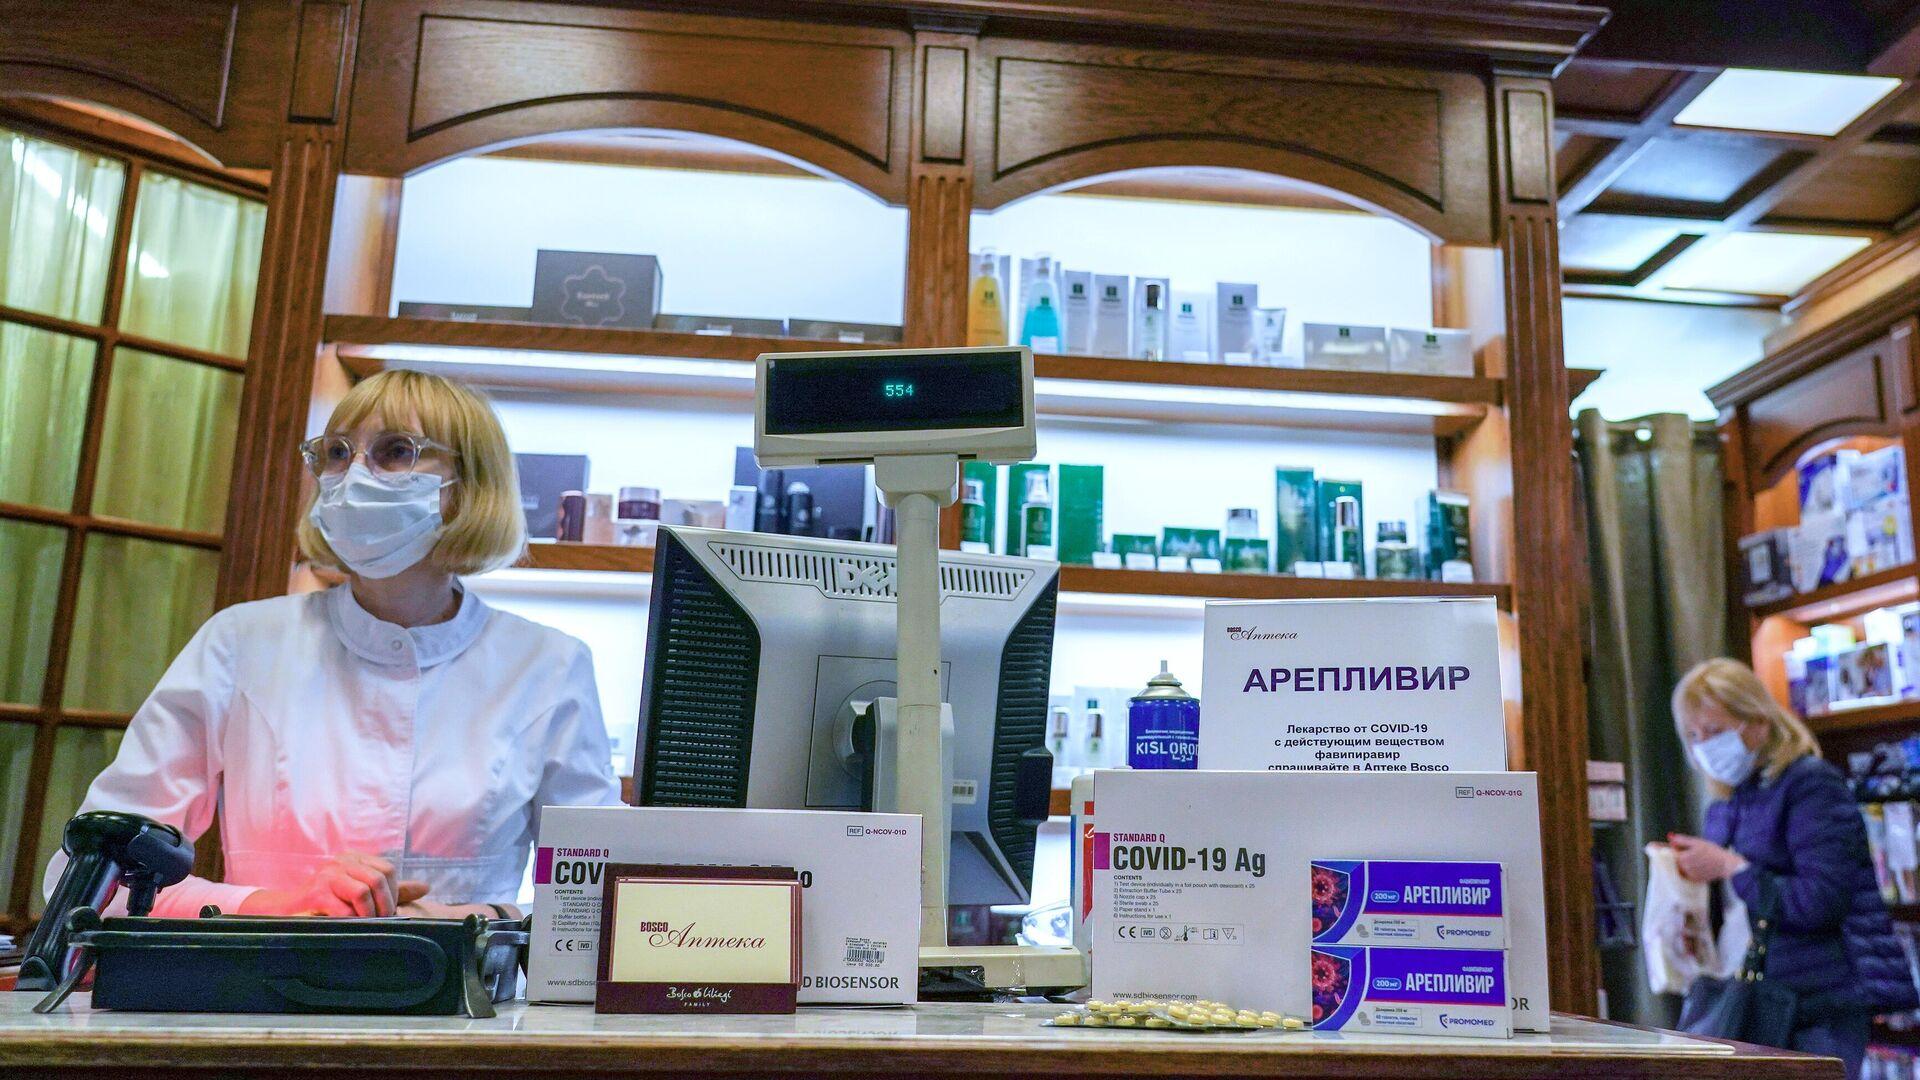 Препарат от COVID-19 Арепливир в аптеке Боско в Москве - РИА Новости, 1920, 05.11.2020